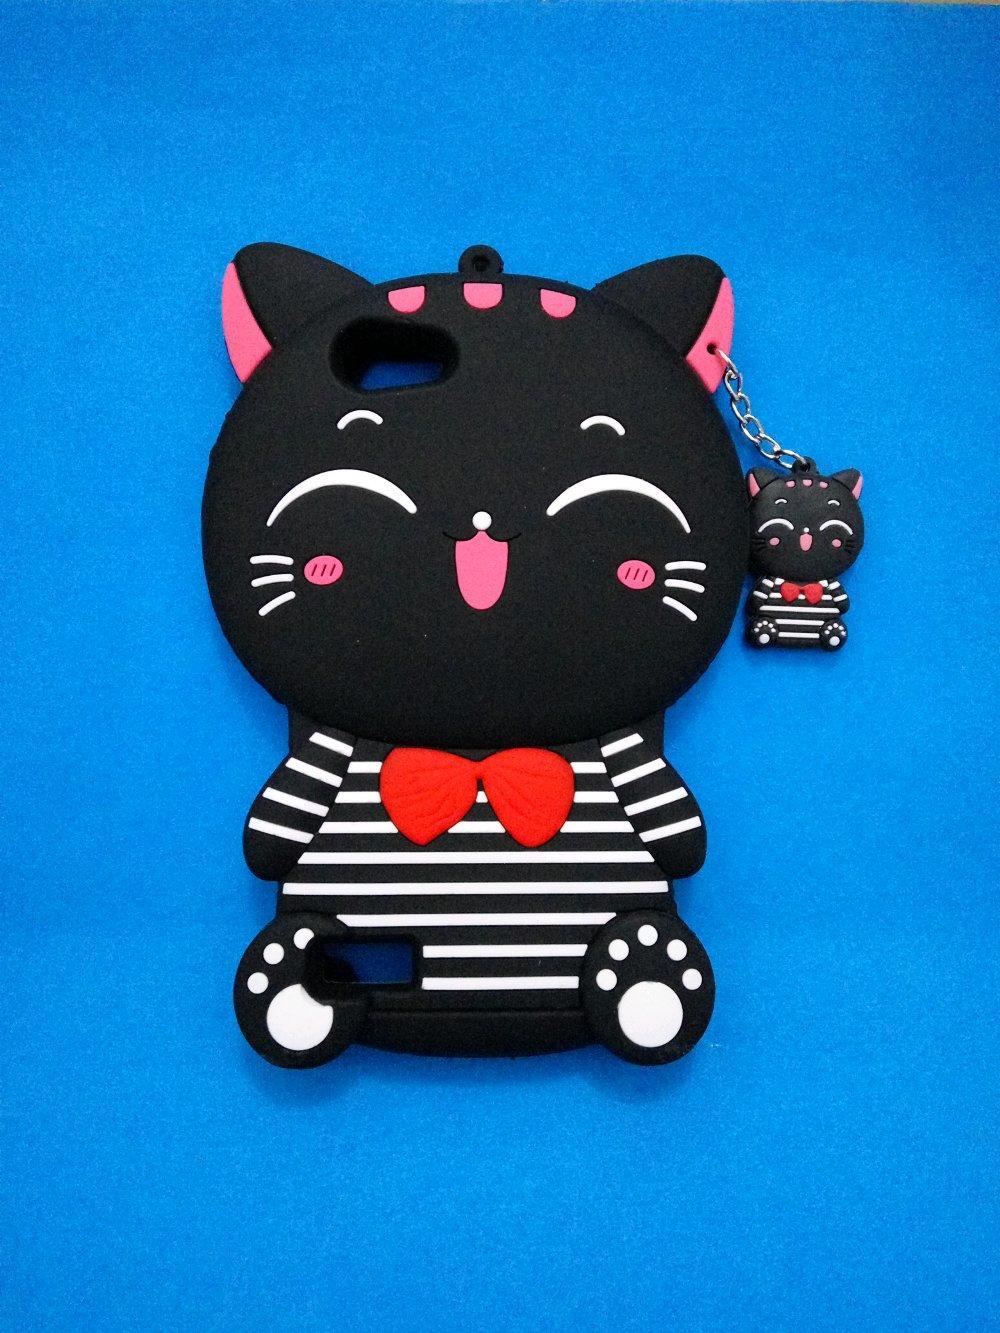 OPPO A33/NEO7 Case Softcase Boneka Karakter Kucing 3D Image